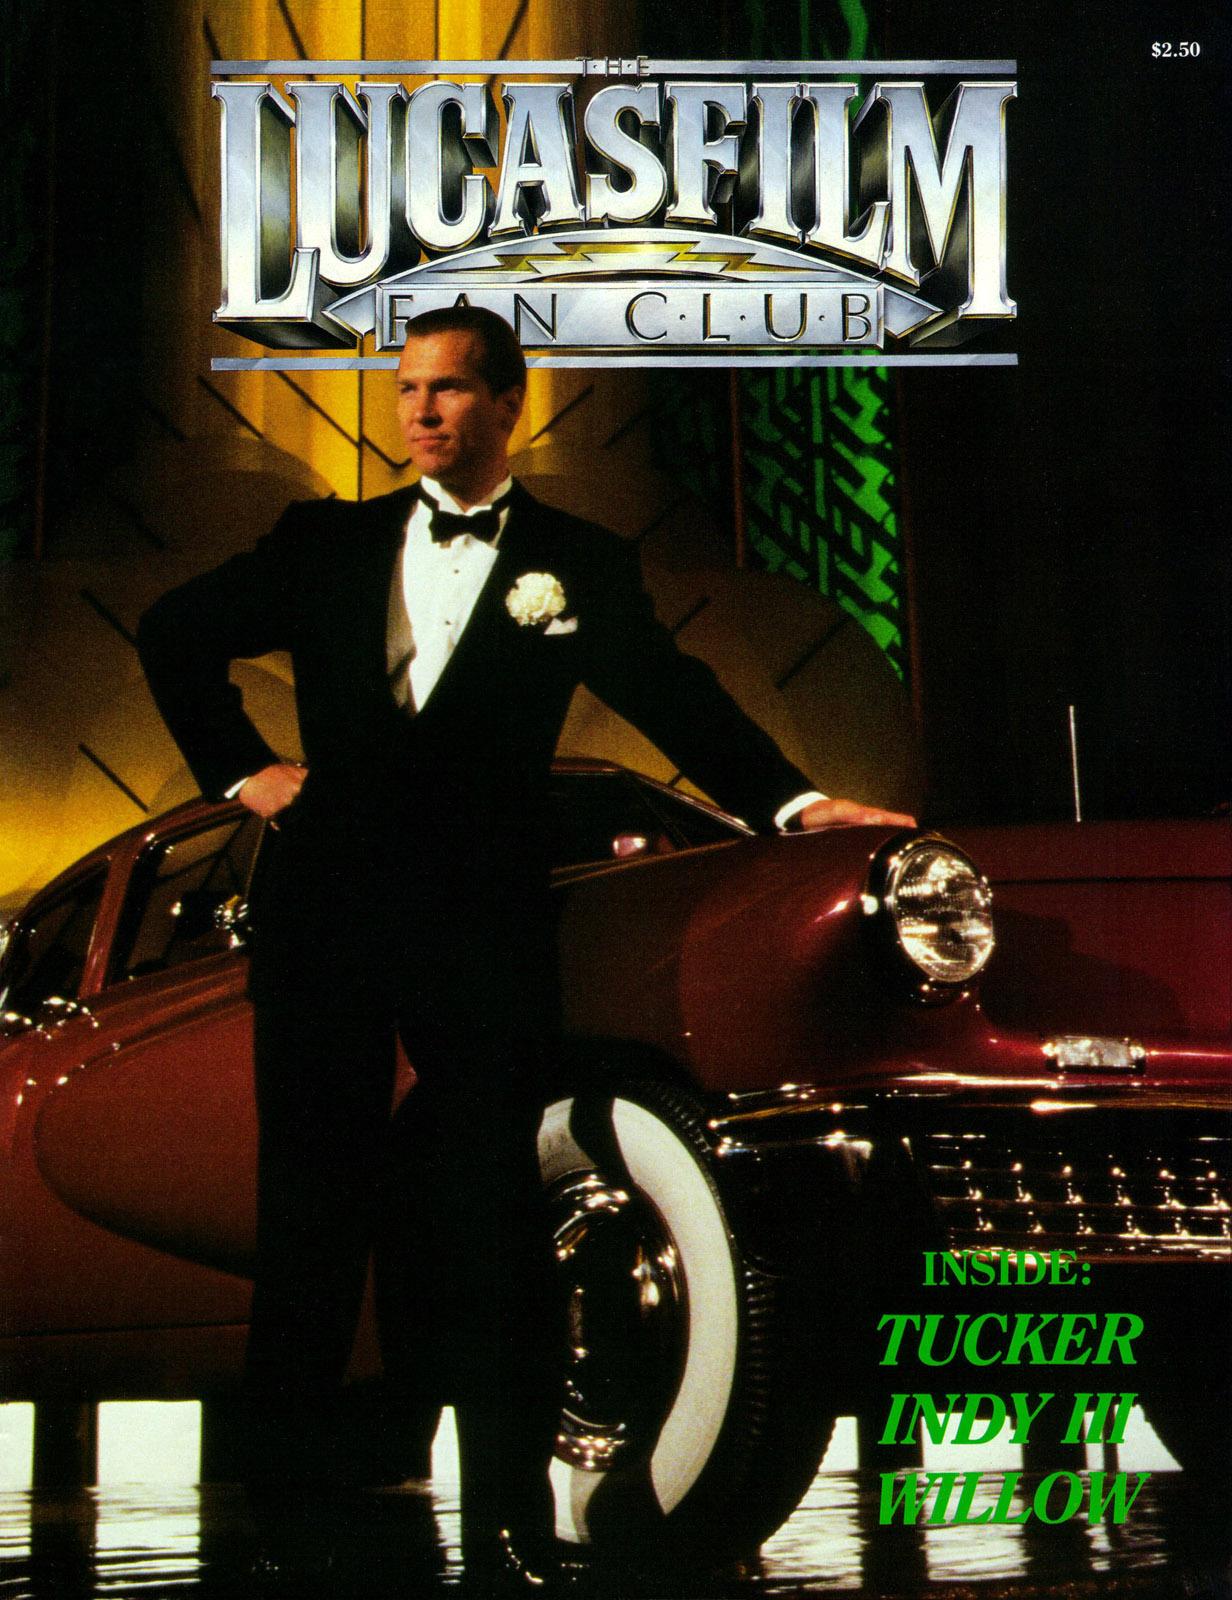 The Lucasfilm Fan Club Magazine 5